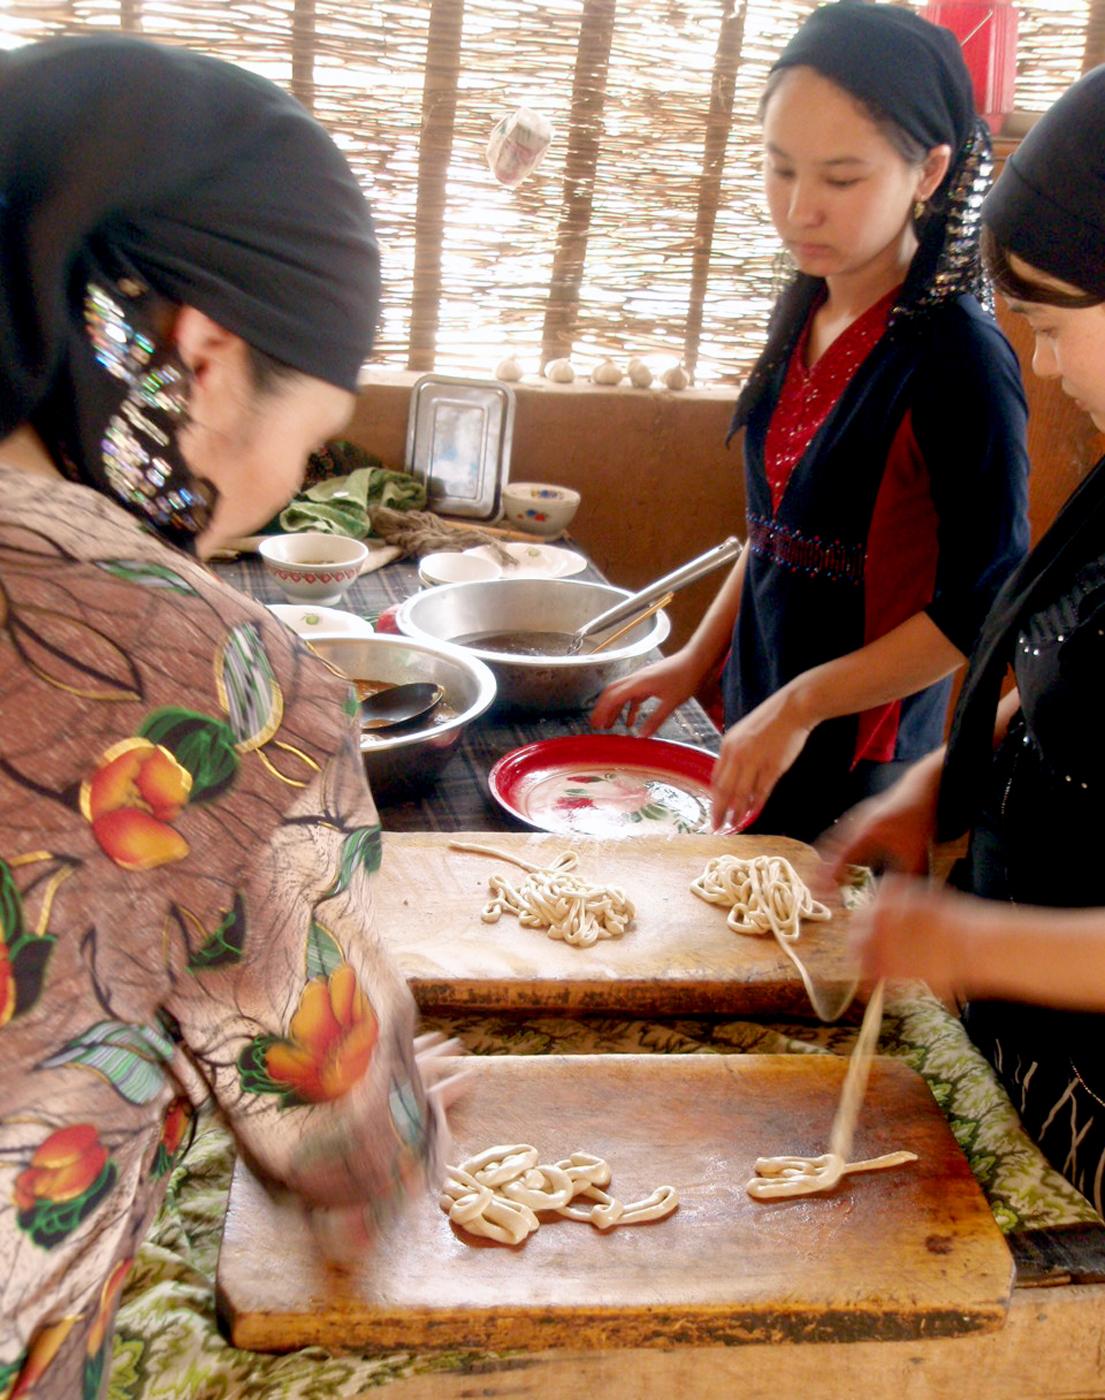 中国全省食巡り5|圧倒的な食材力!西遊記とシルクロードの街・トルファンで食べるべき料理3選 | 80C - Part 3